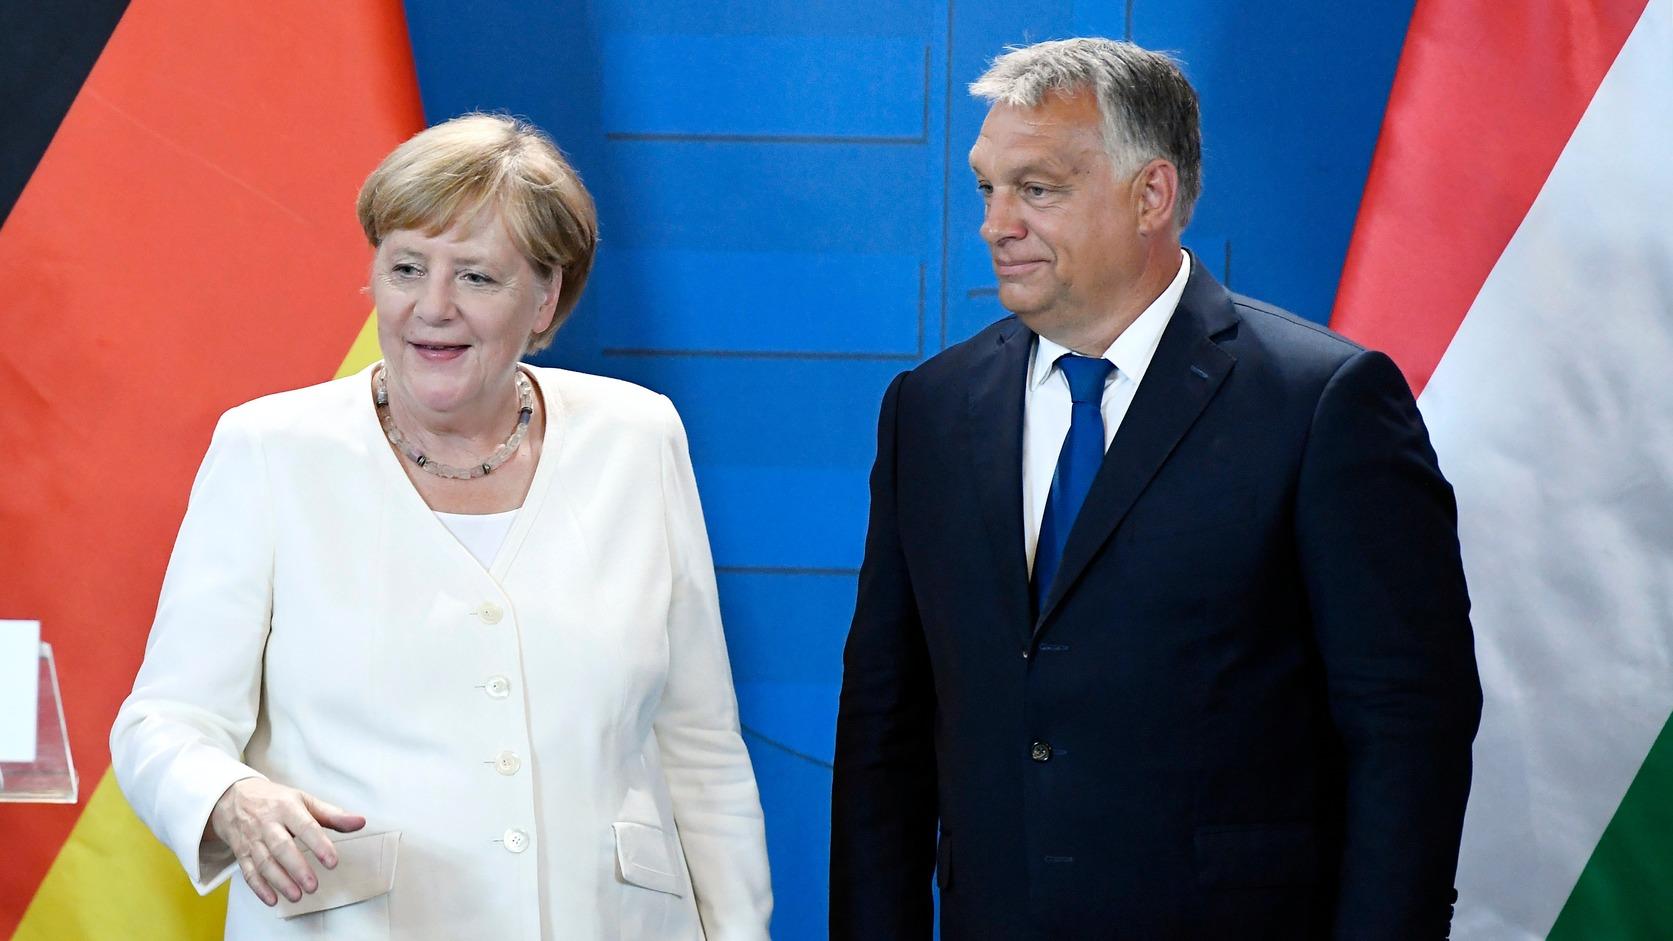 Budapest, 2019. augusztus 19. Angela Merkel német kancellár és Orbán Viktor miniszterelnök sajtónyilatkozatot tesz a Páneurópai Piknik 30. évfordulója alkalmából tartott ökumenikus istentisztelet után a soproni városházán 2019. augusztus 19-én. MTI/Koszticsák Szilárd